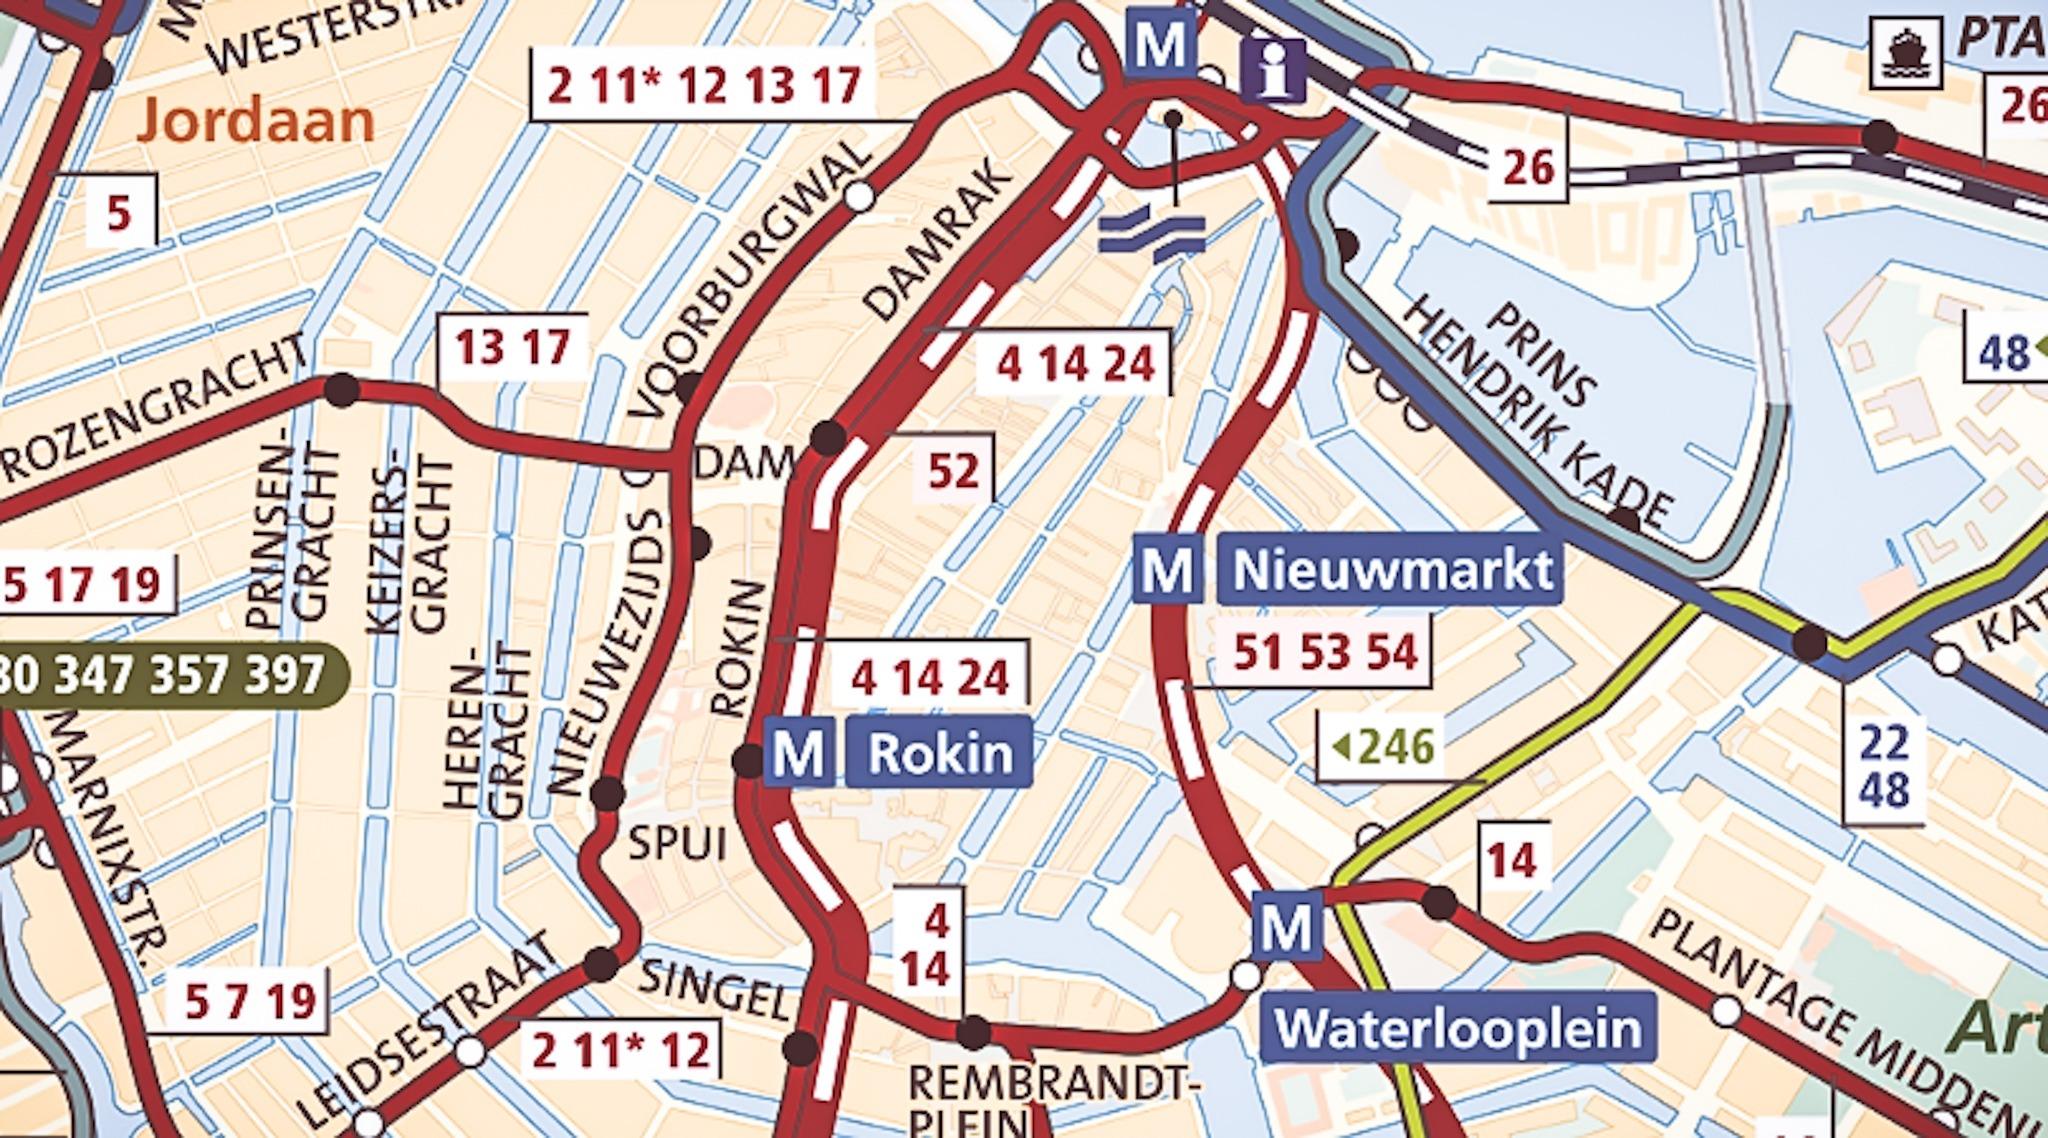 Cartina Mondo Scaricabile.Cartina Di Amsterdam Scaricabile Citta Metro Bus E Stazioni